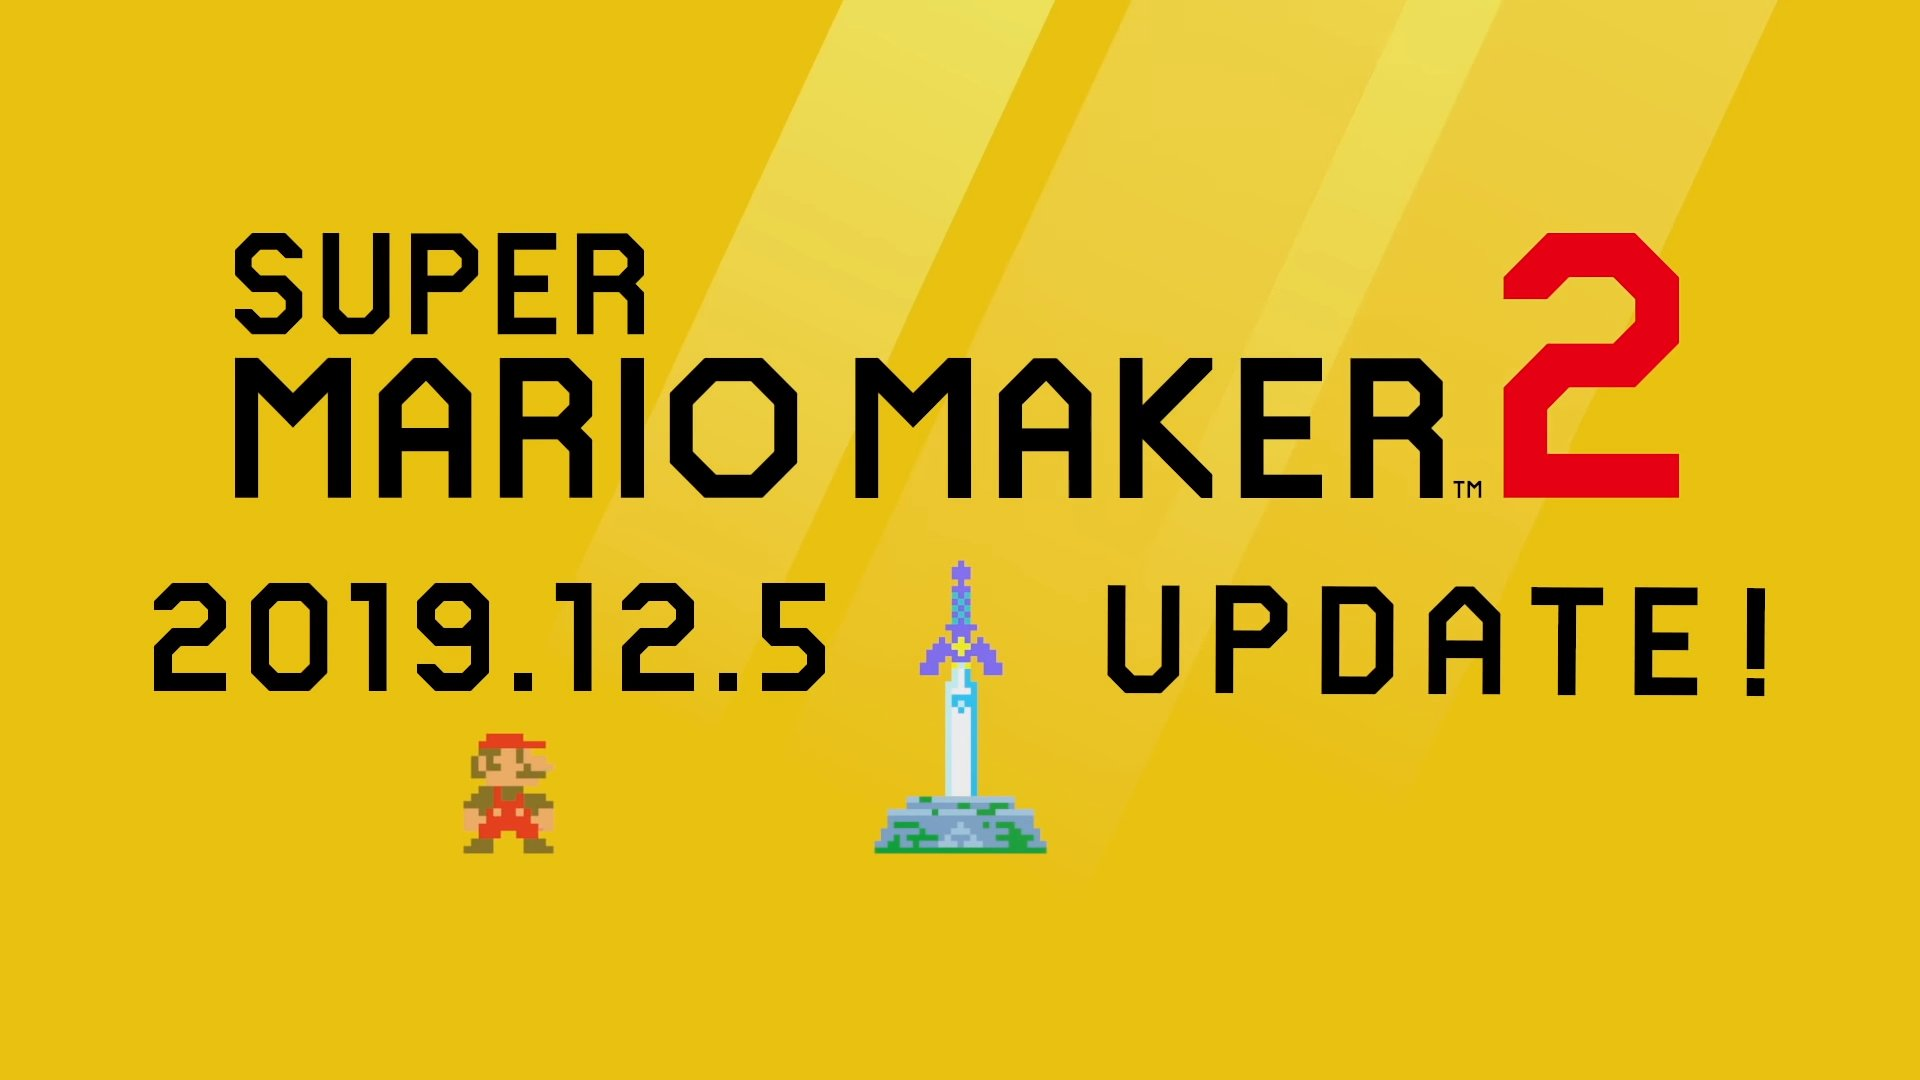 【朗報】『スーパーマリオメーカー 2 』リンクになれる Ver.2.0キタ━━━━(゚∀゚)━━━━!!